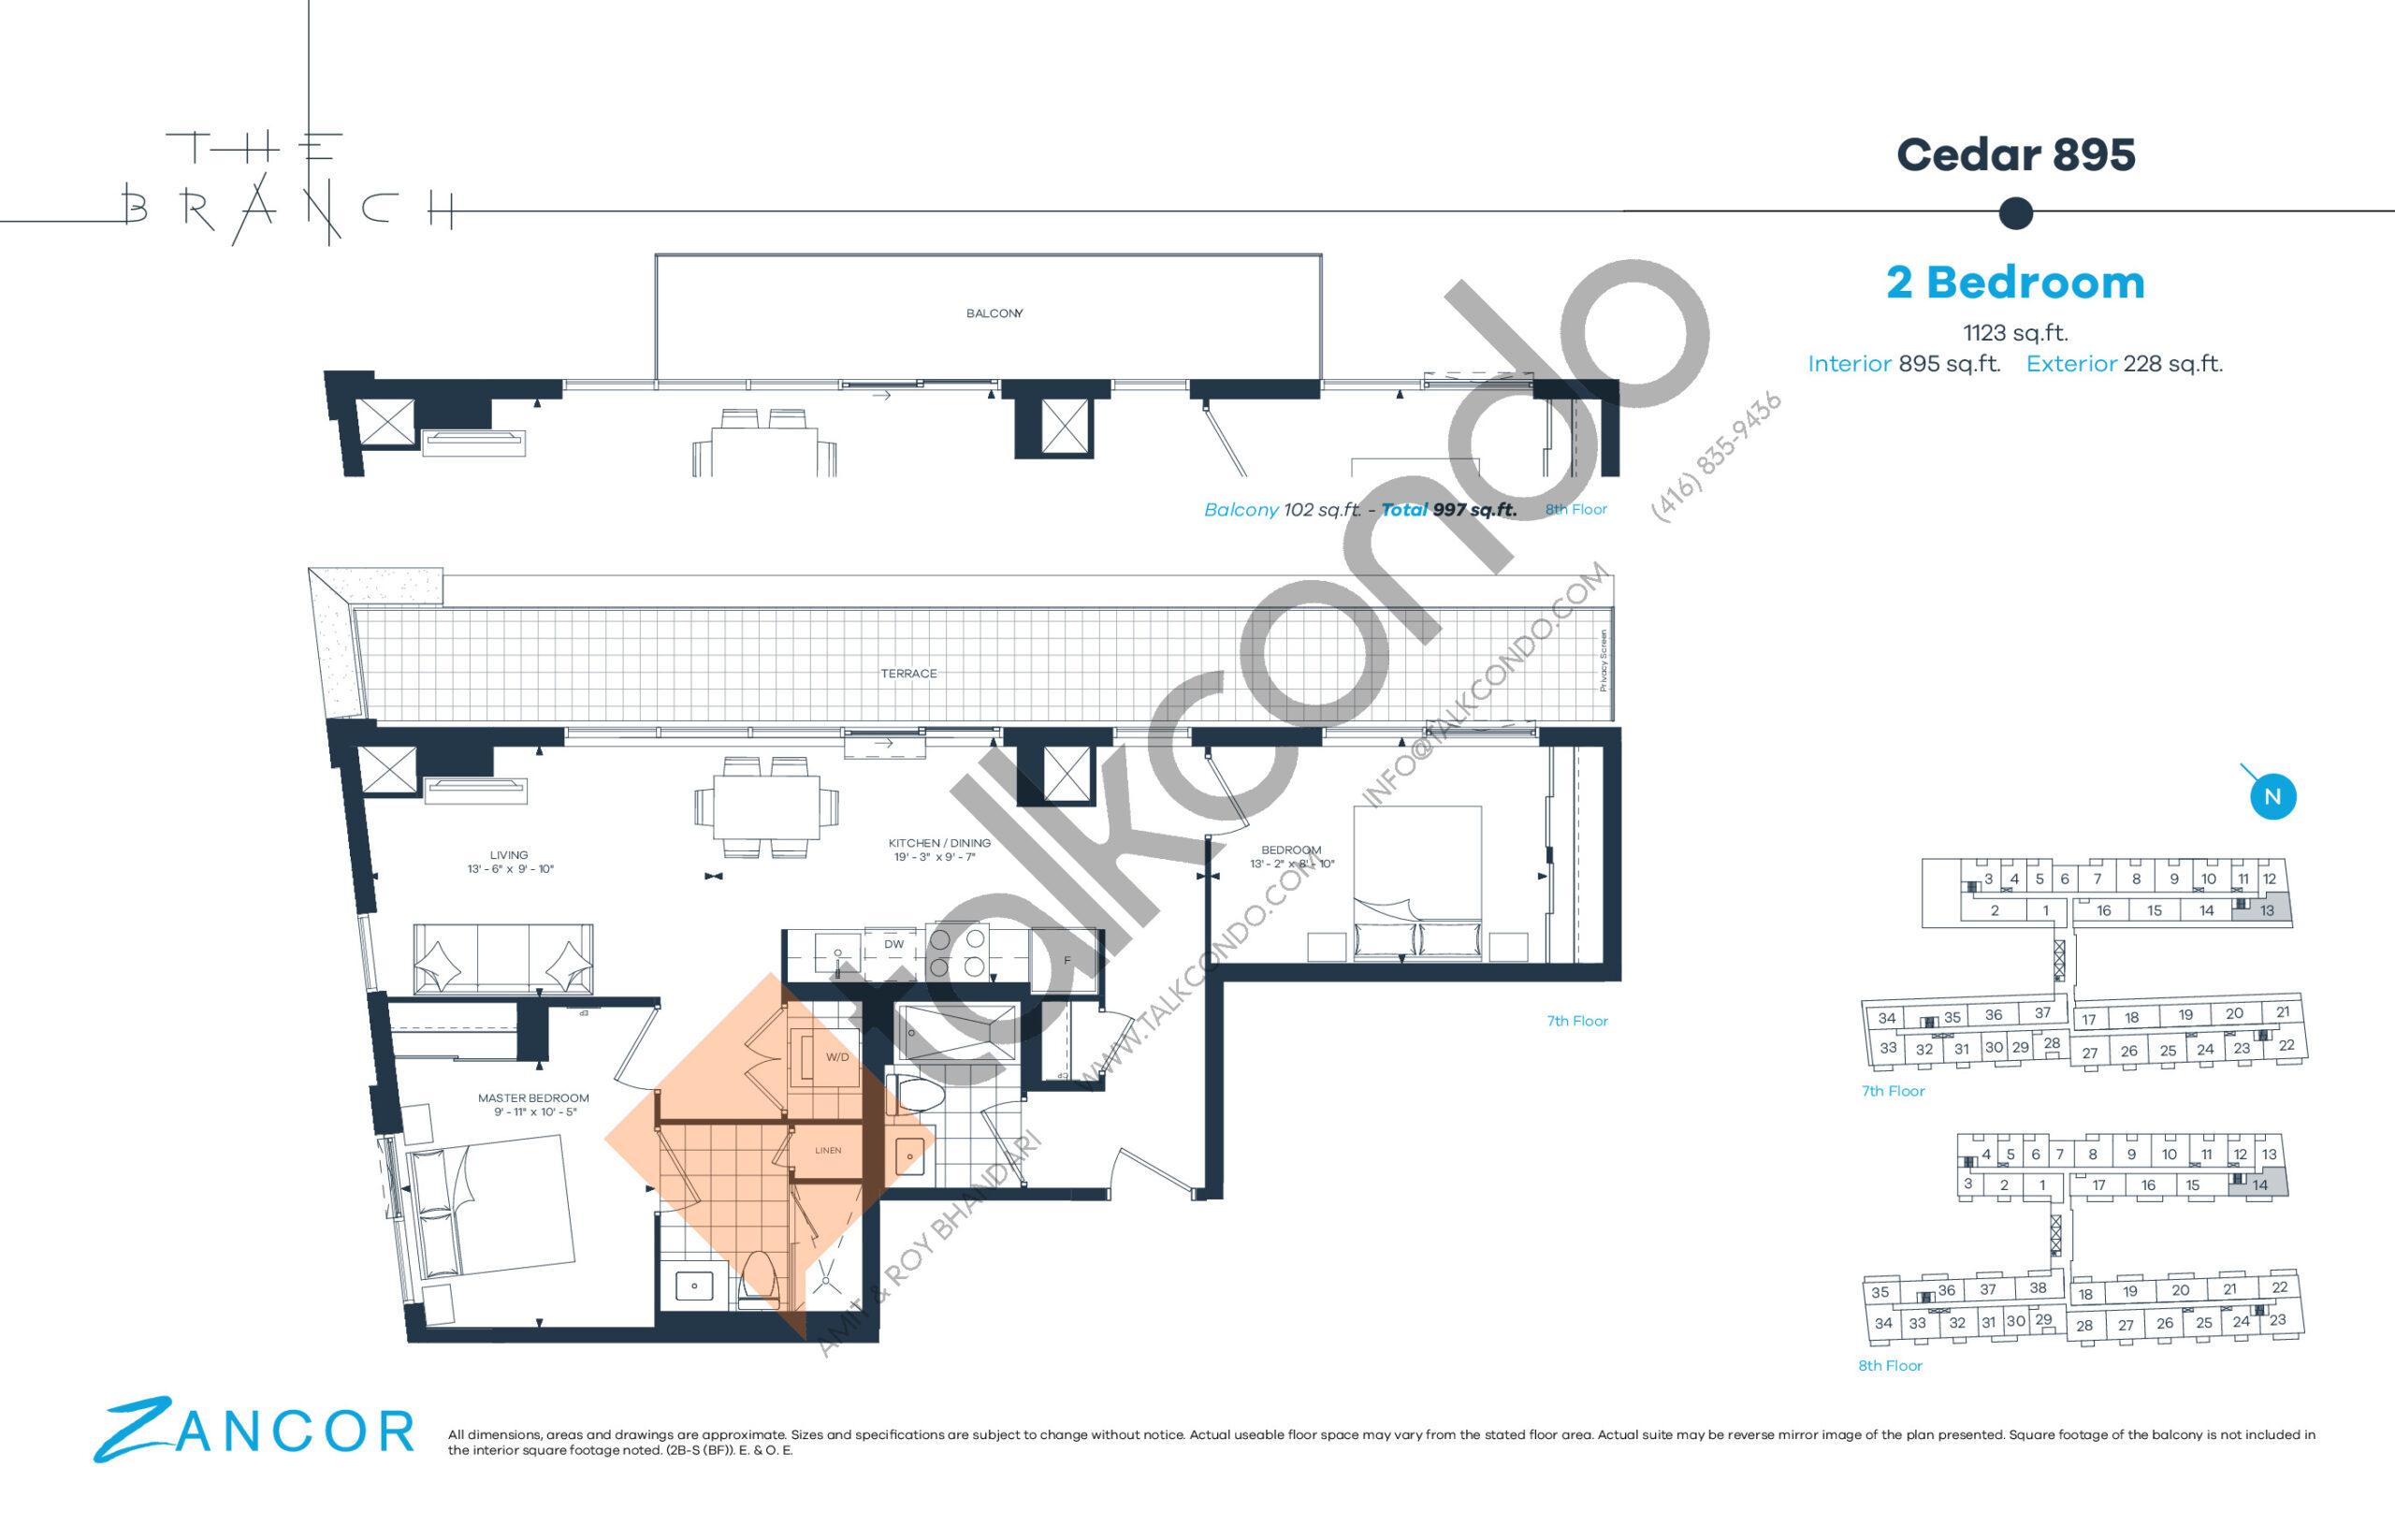 Cedar 895 Floor Plan at The Branch Condos - 895 sq.ft